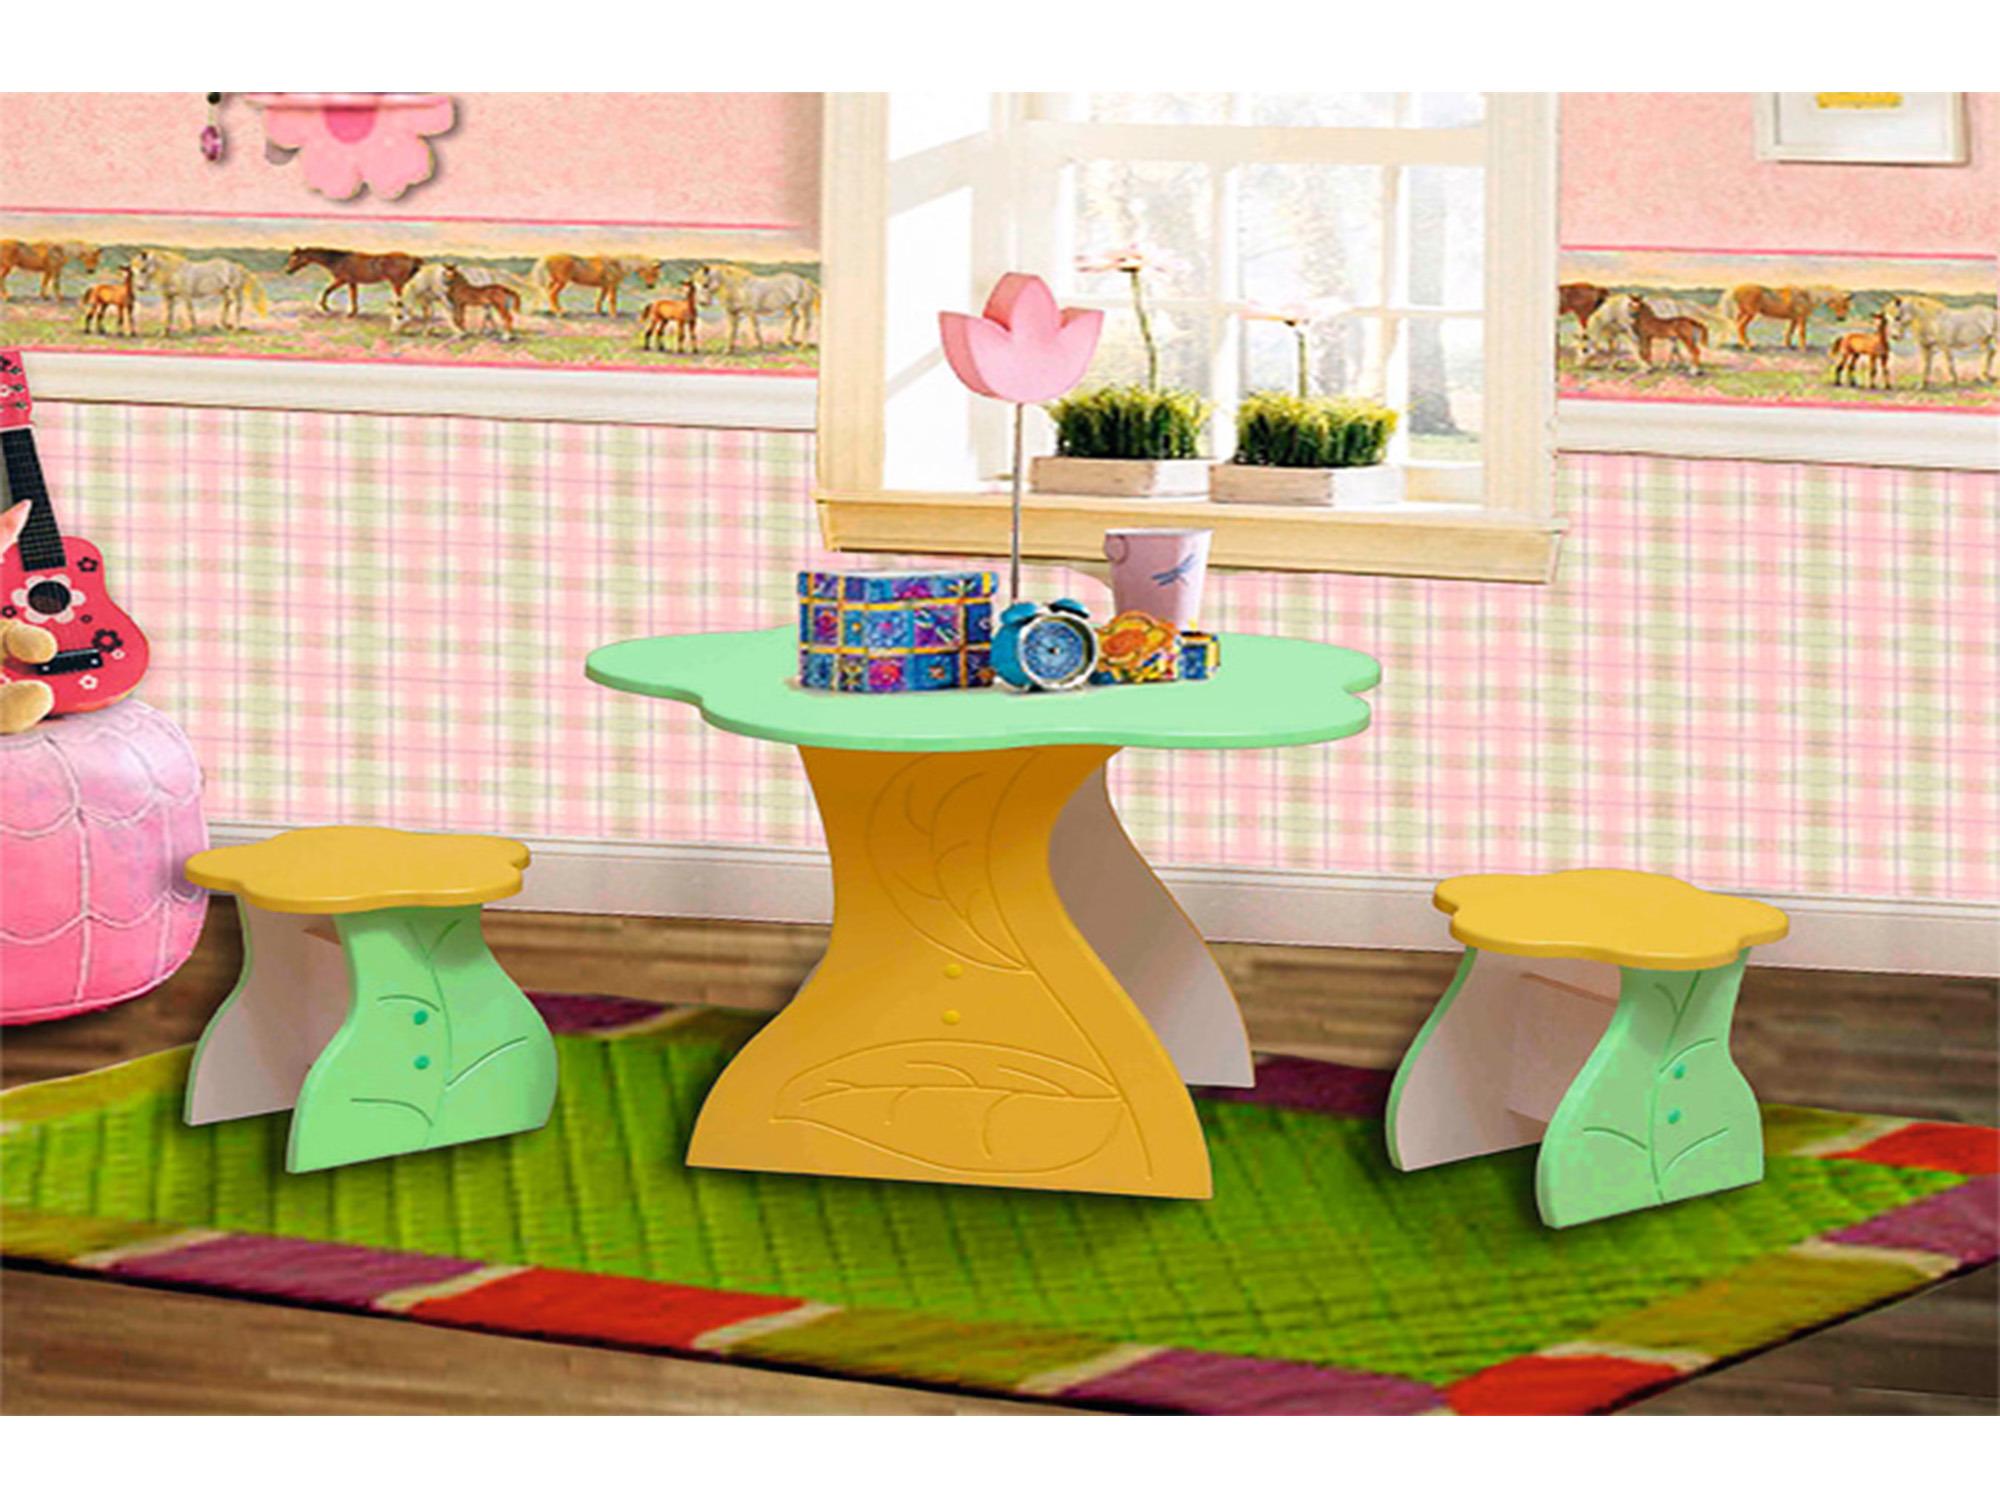 Стол и стулья детские ЦветочекДетские парты, столы и стулья<br><br><br>Длина мм: 0<br>Высота мм: 0<br>Глубина мм: 0